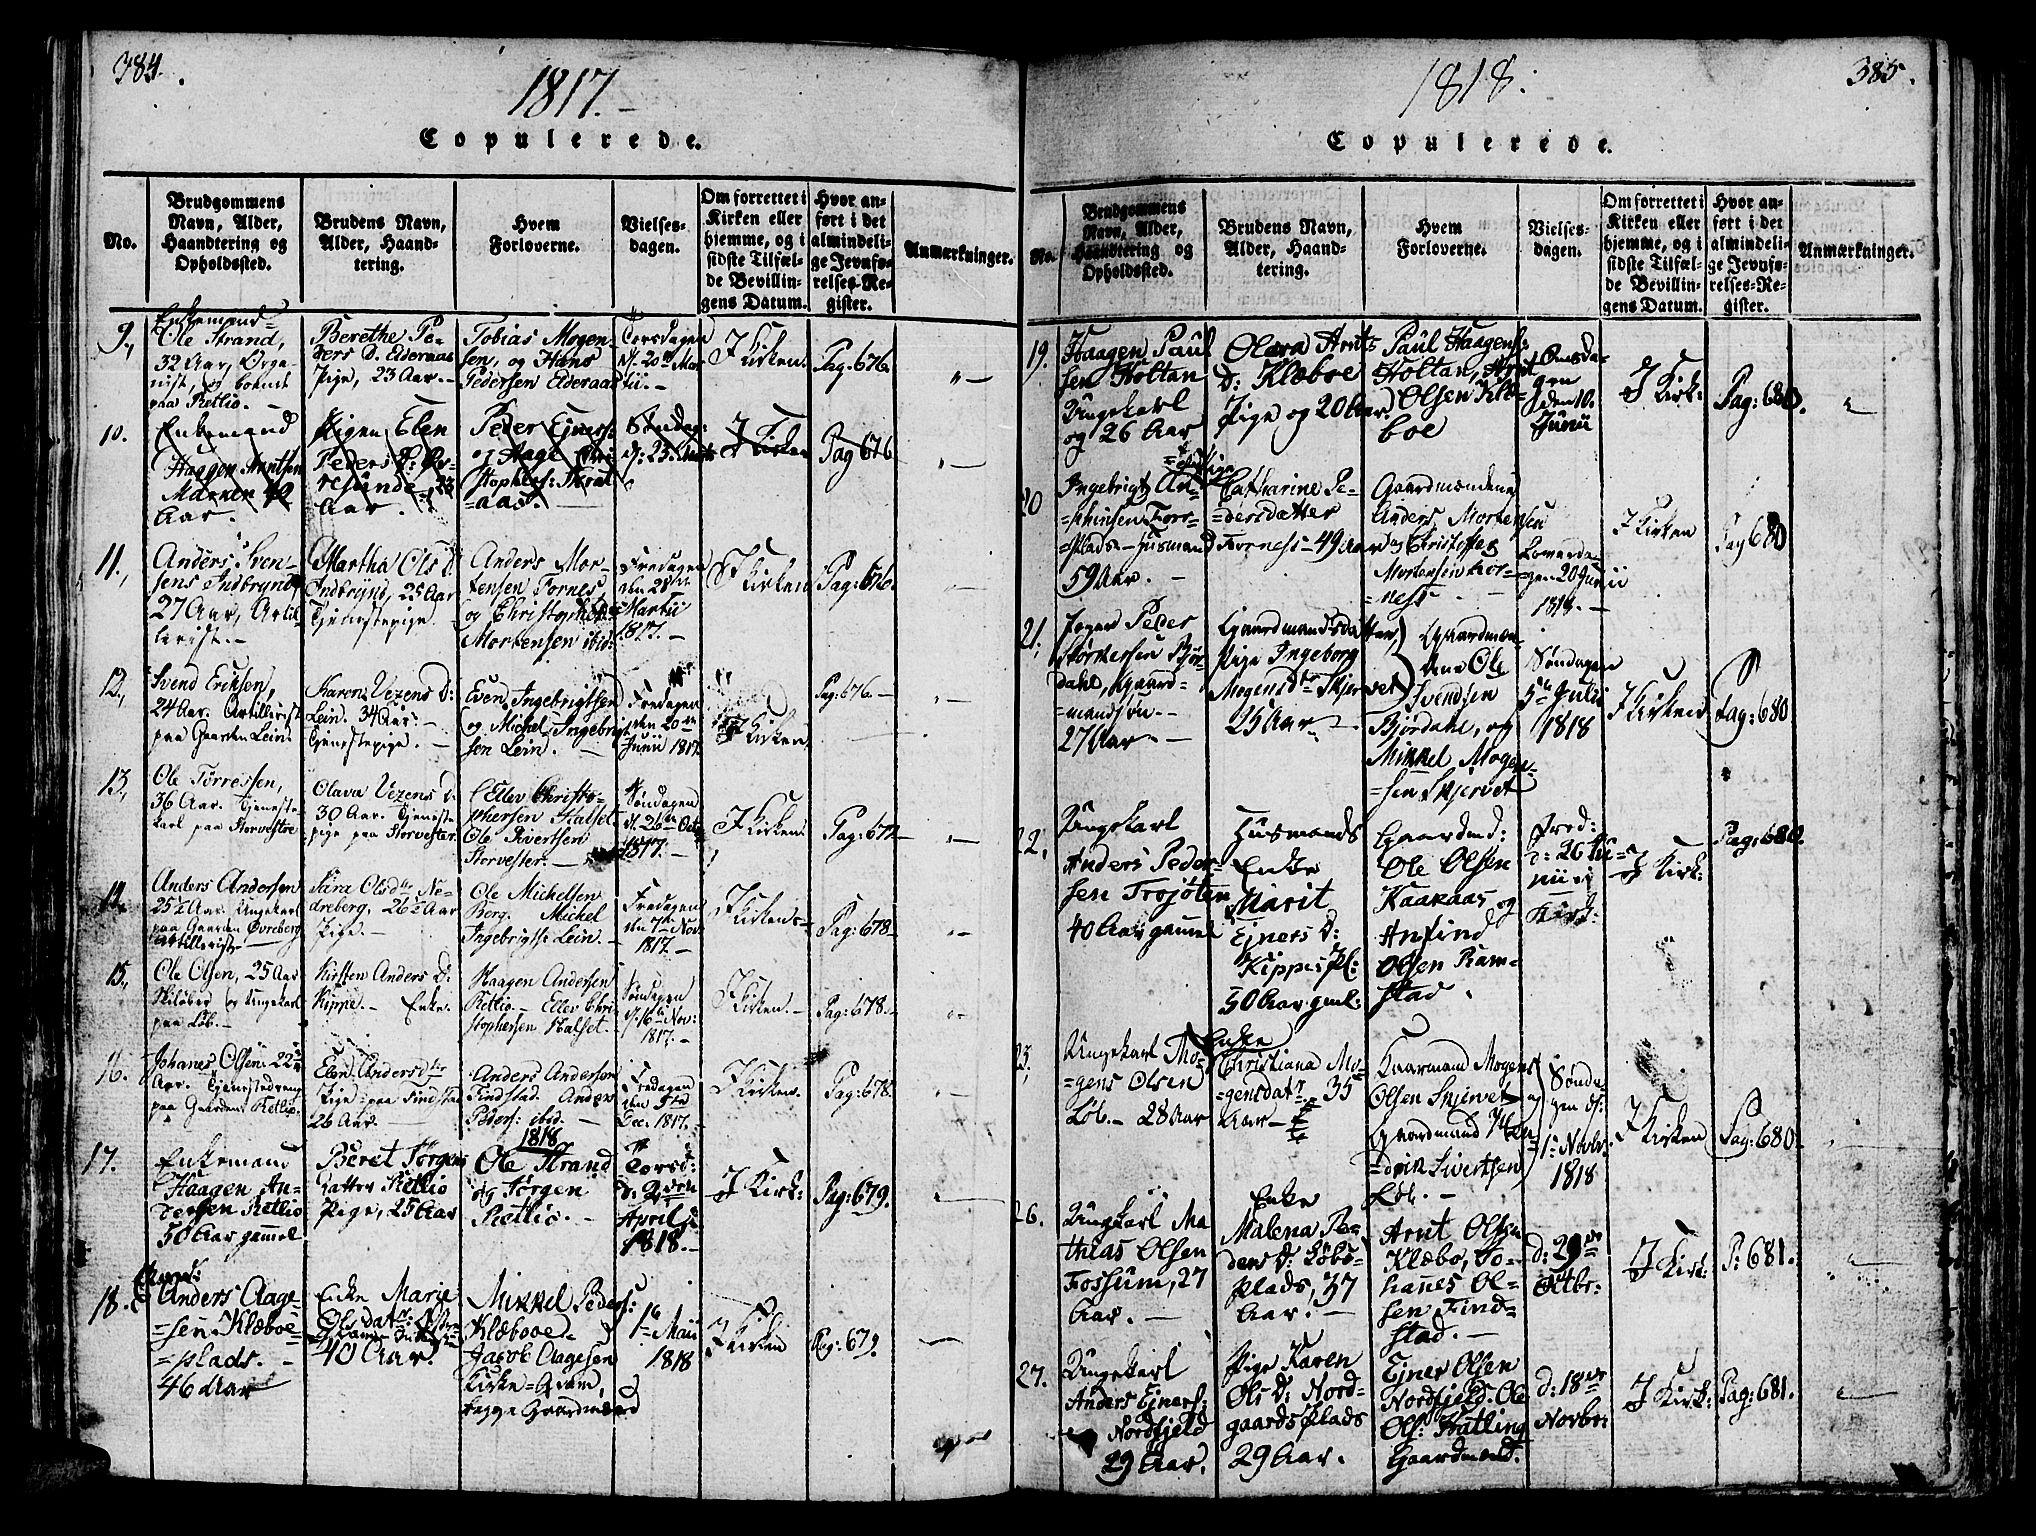 SAT, Ministerialprotokoller, klokkerbøker og fødselsregistre - Nord-Trøndelag, 746/L0441: Ministerialbok nr. 746A03 /1, 1816-1827, s. 384-385